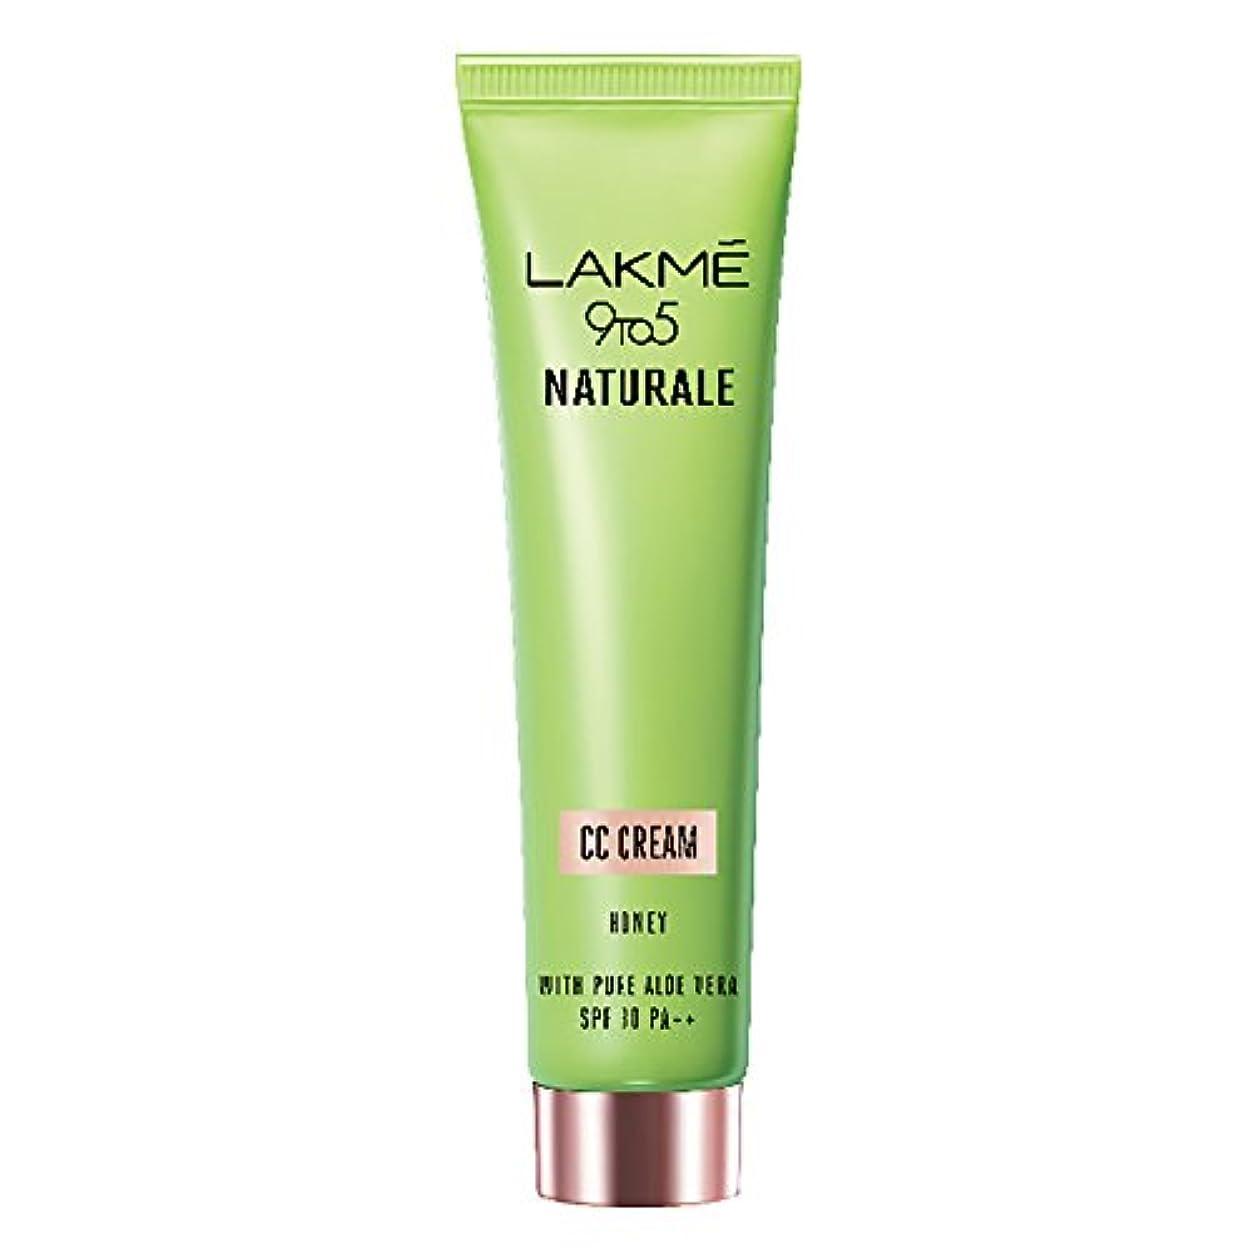 寄稿者ネコ疑い者Lakme 9 to 5 Naturale CC Cream, Honey, 30g